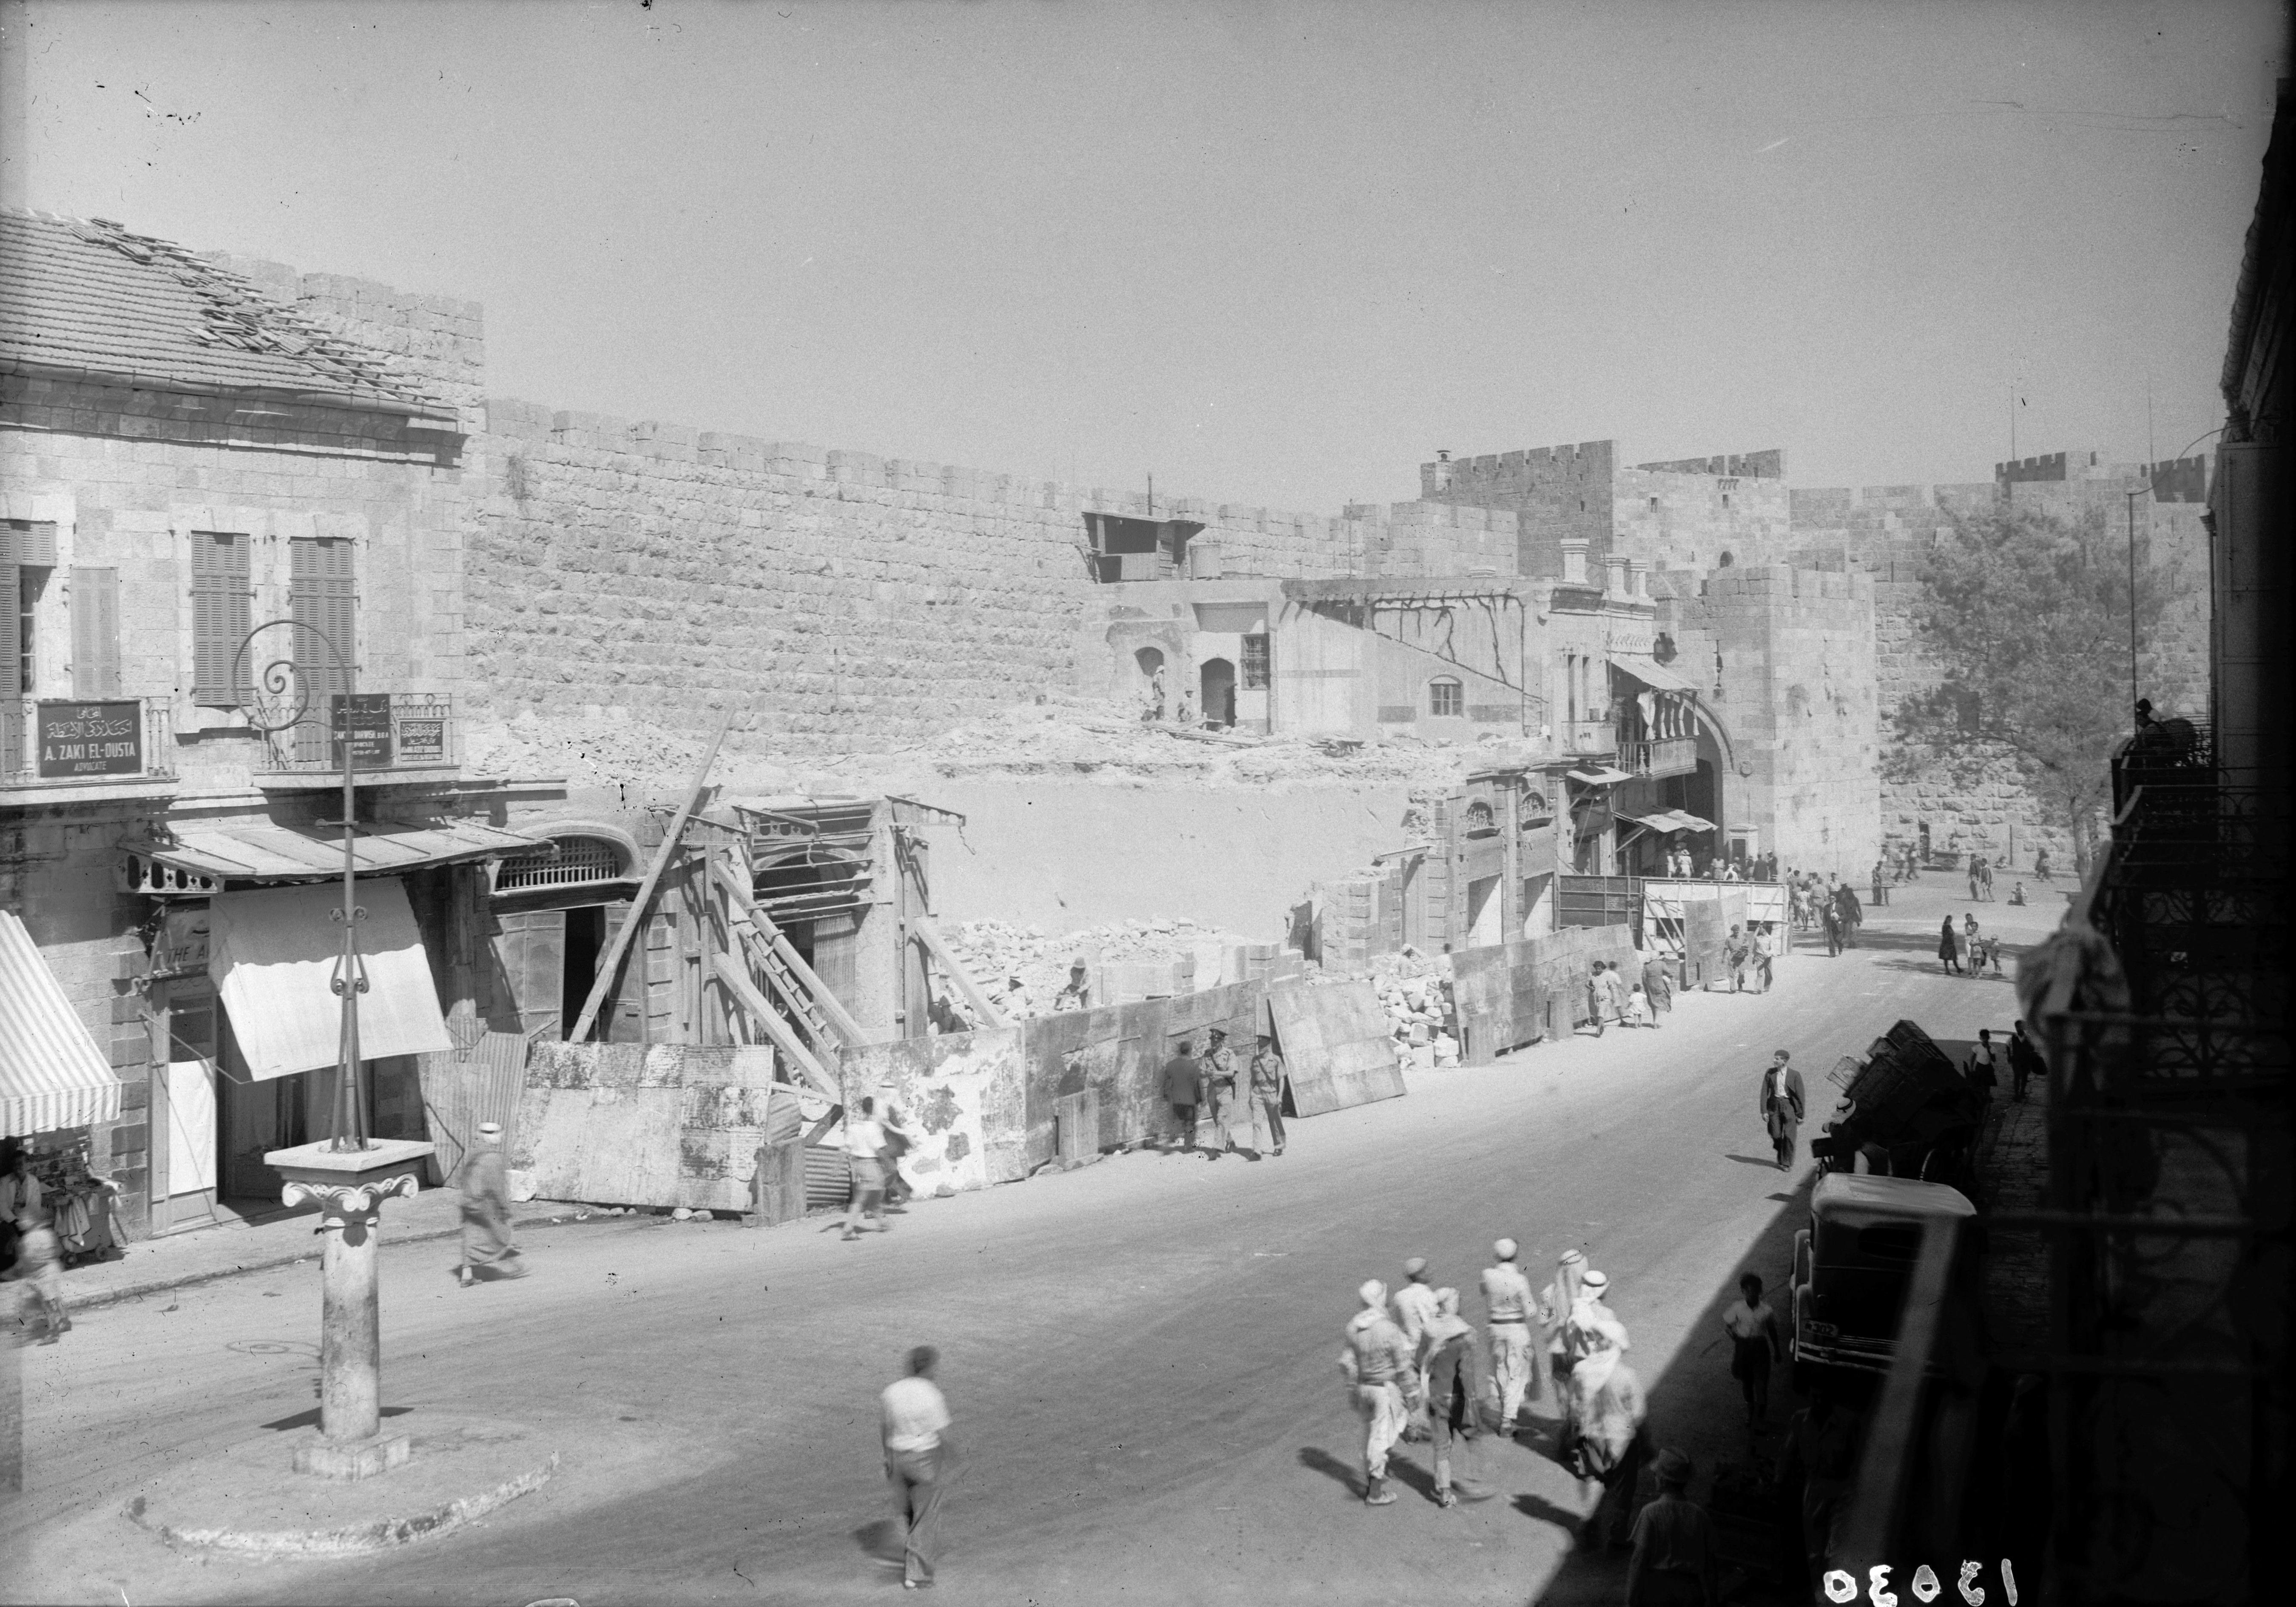 File:Image-Jerusalem Jaffa Gate-demolition jpg - Wikimedia